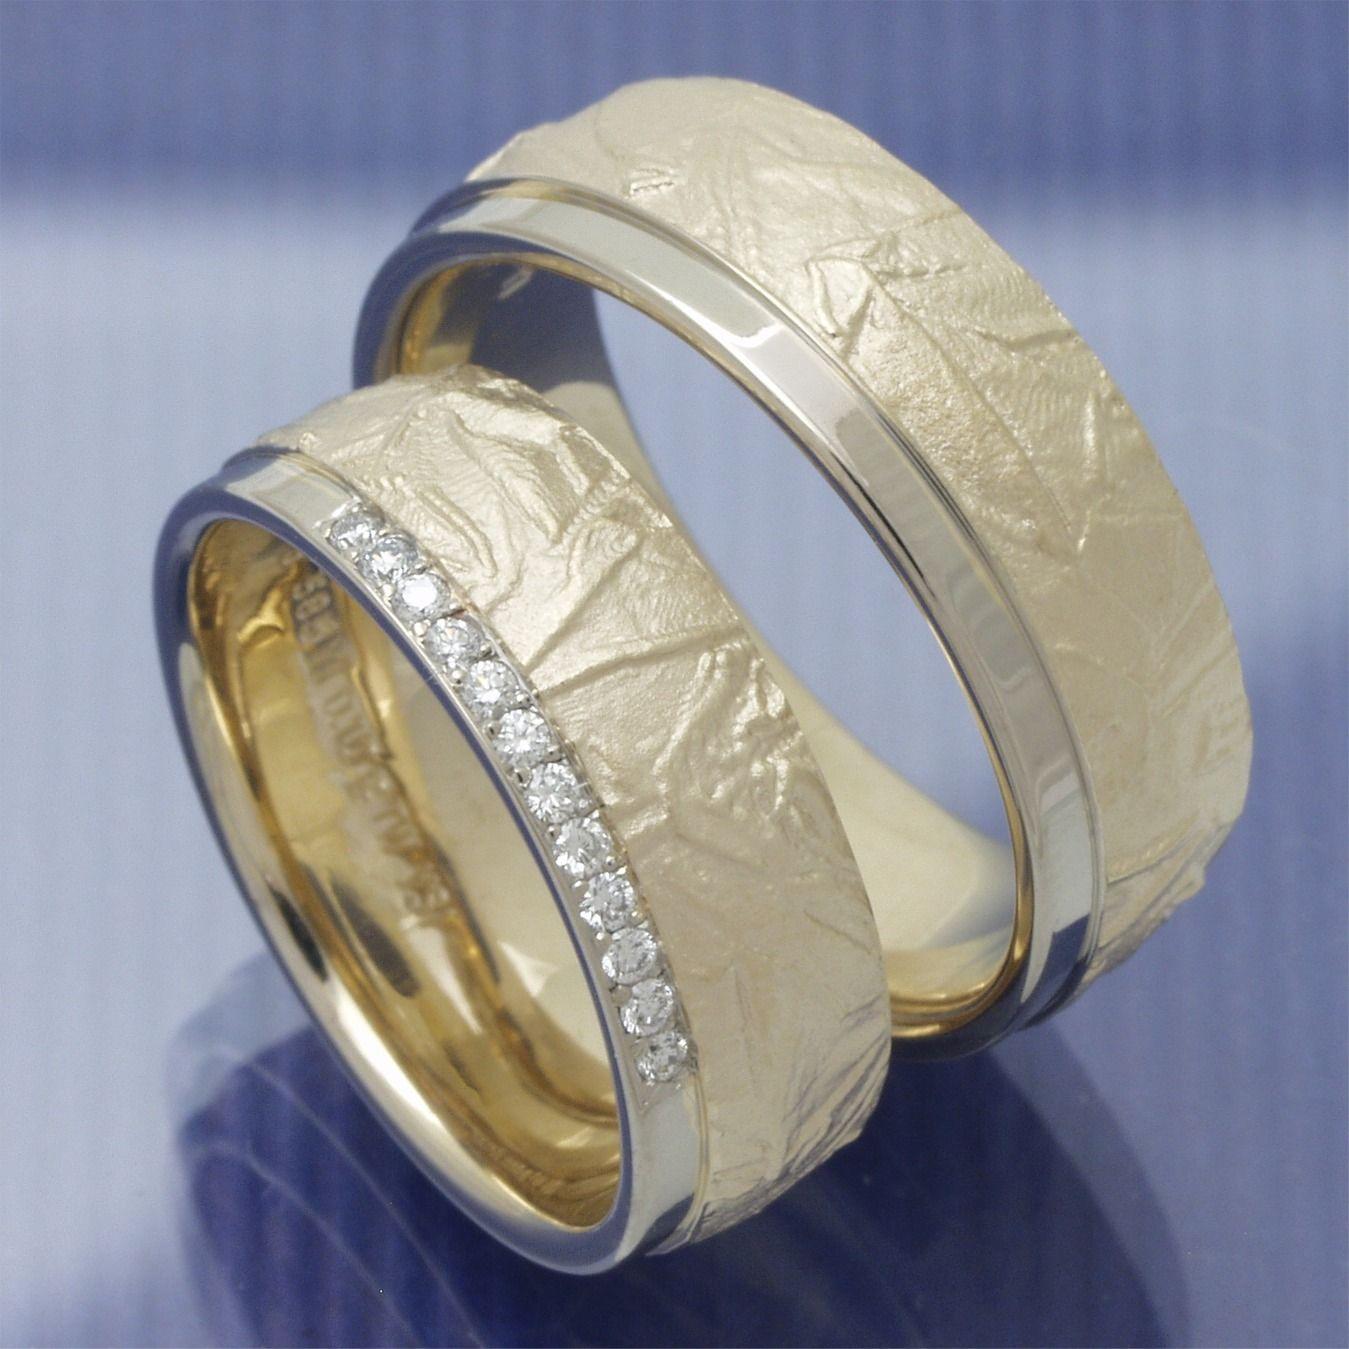 Besondere Trauringe Mit Knitter Oberfläche Trauringe Ring Verlobung Silberne Eheringe